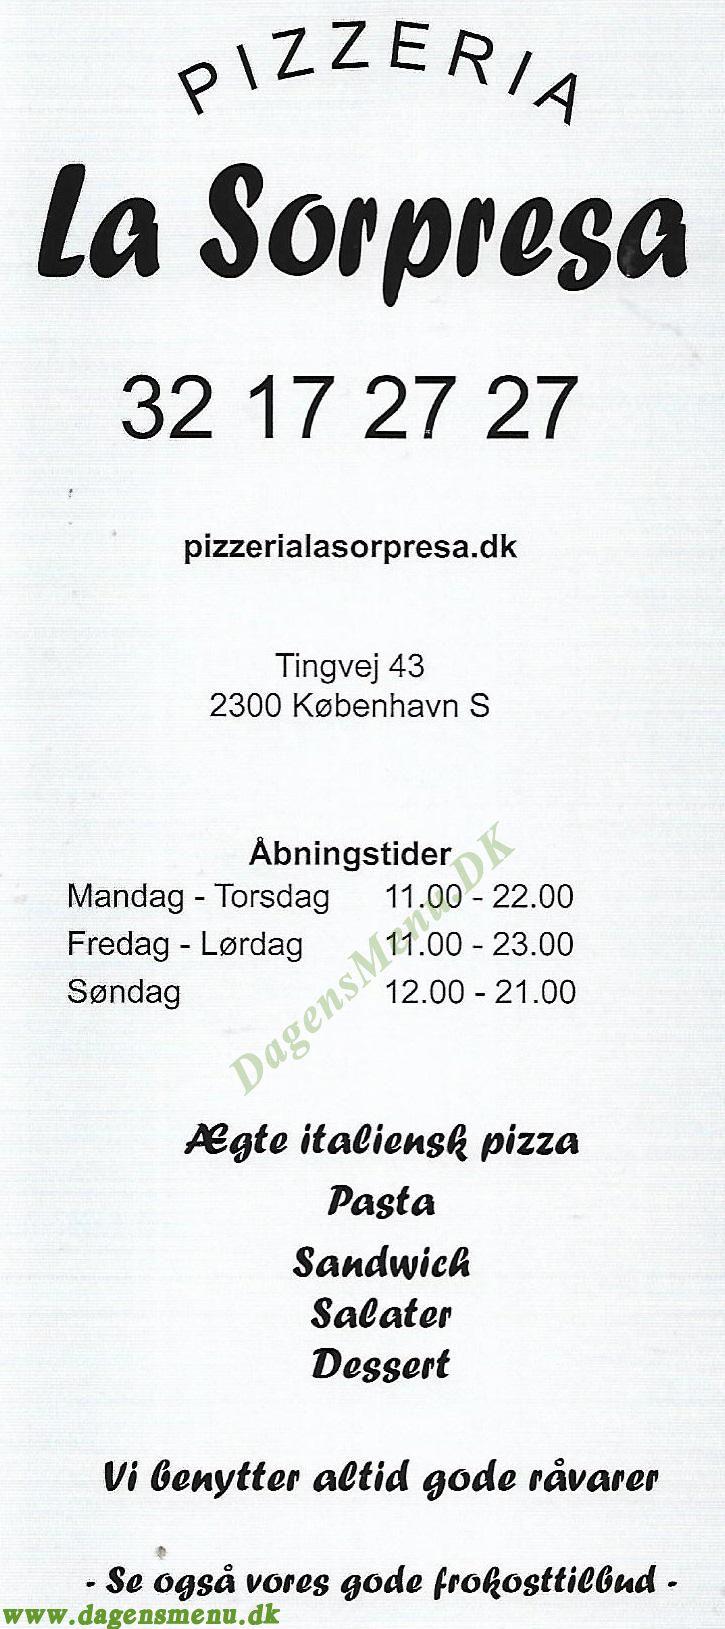 Pizza La Sorpresa - Menukort